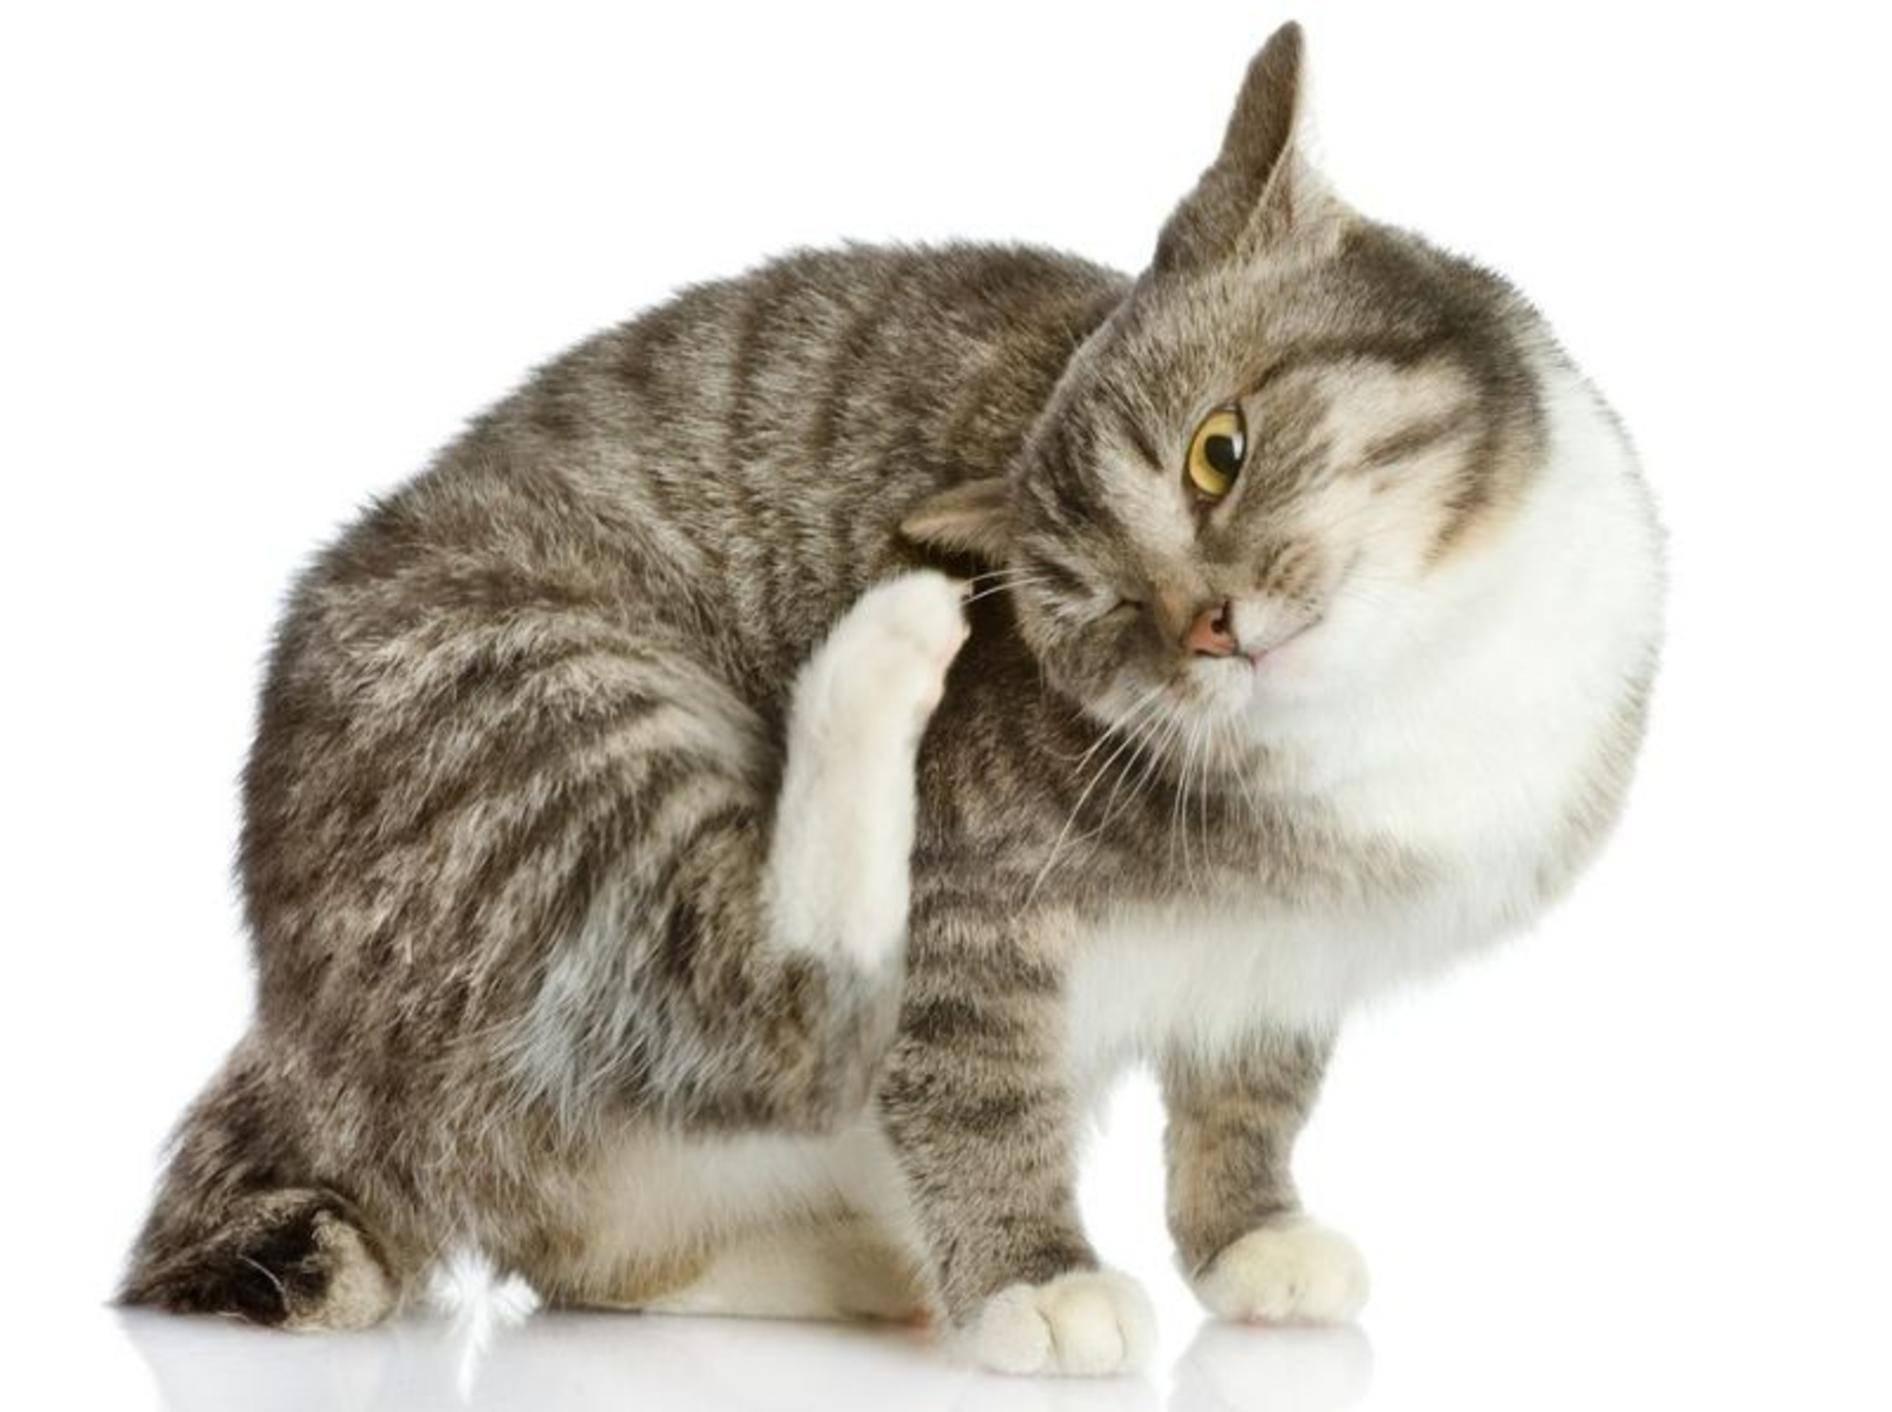 Wackelt augen katze mit kopf und [Sehr besorgt]